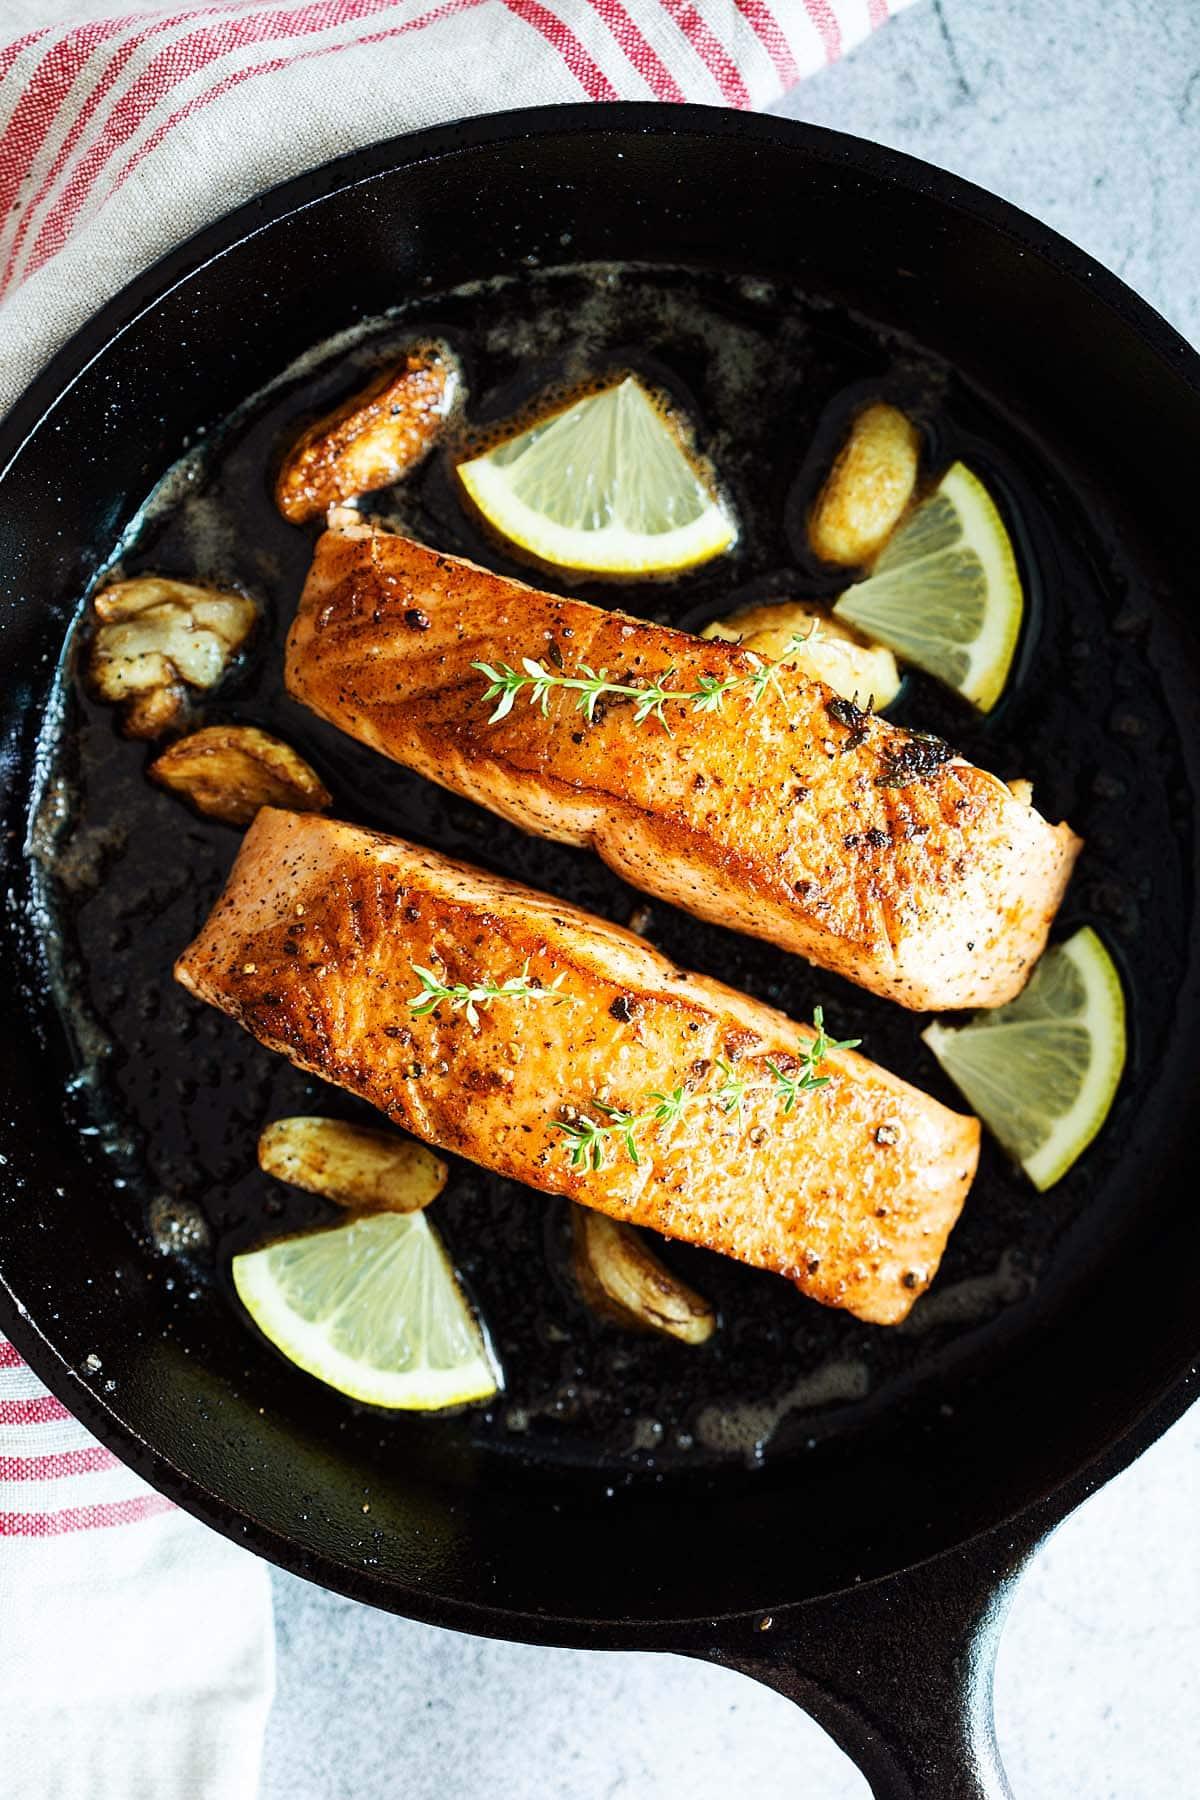 Pan seared salmon.